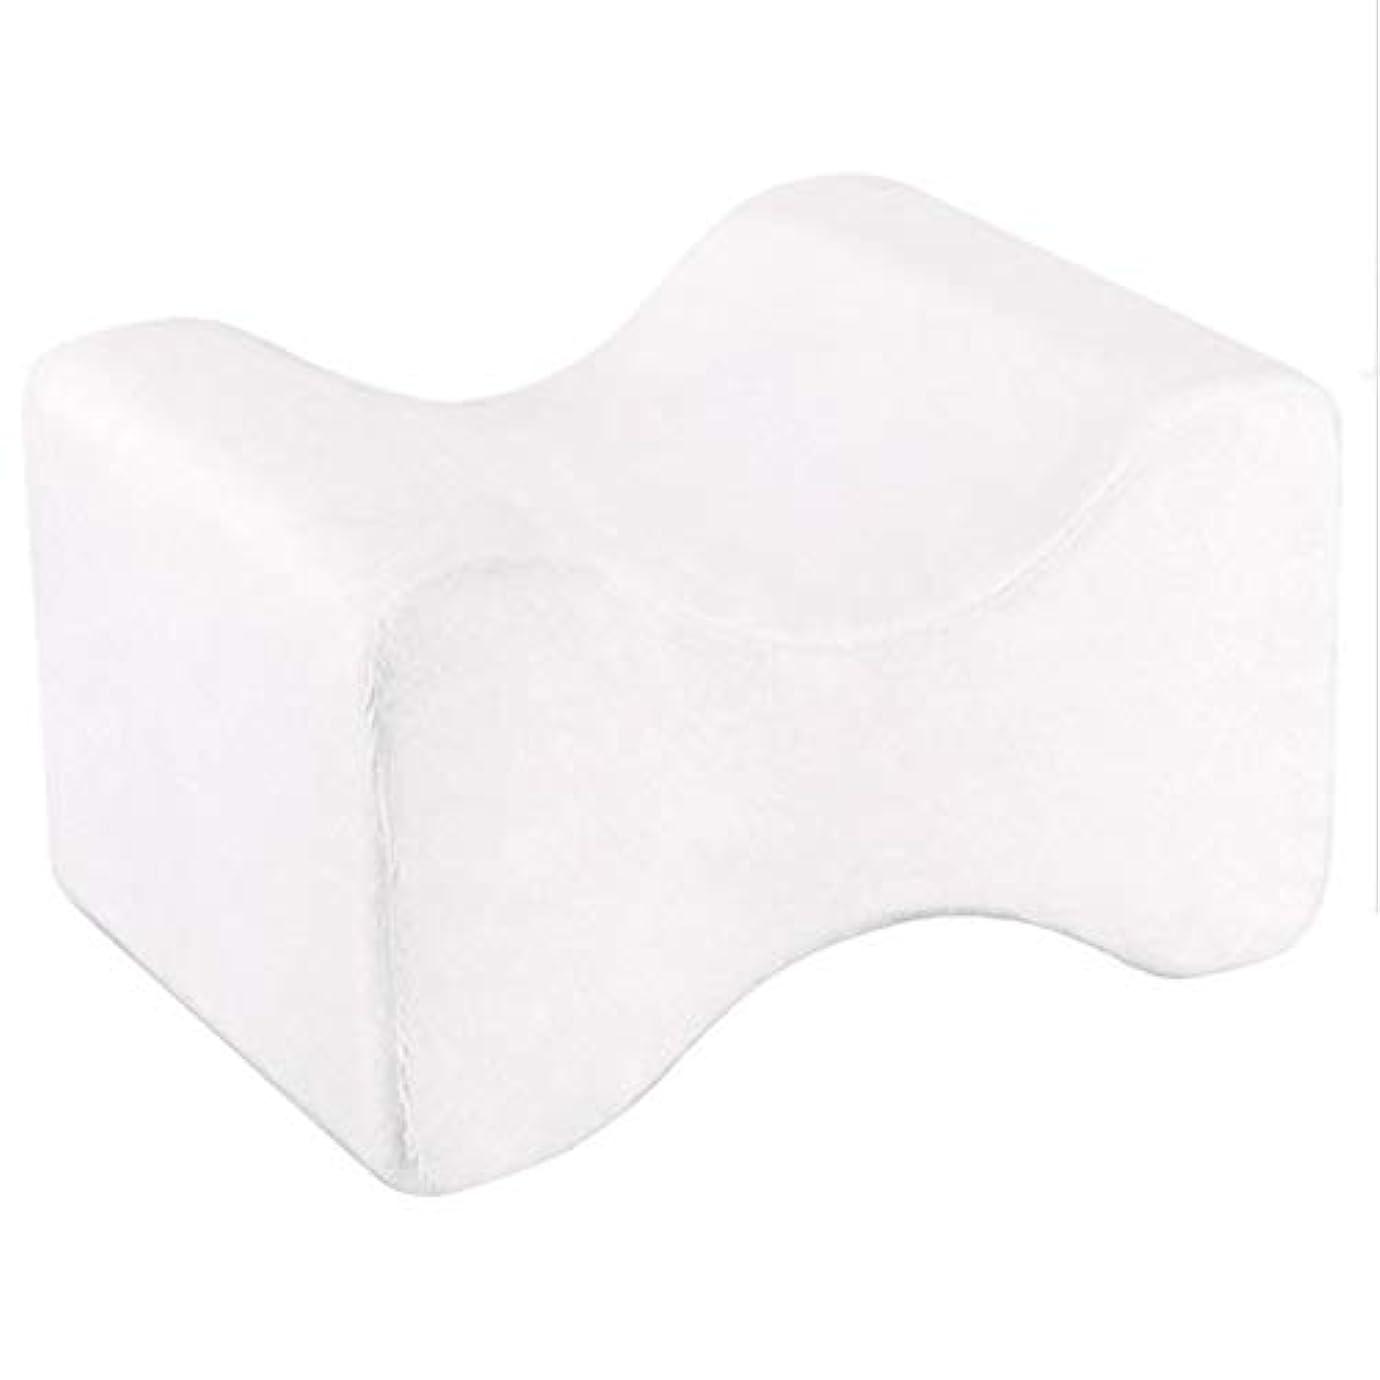 検索提供する消毒するソフト枕膝枕クリップ脚低反発ウェッジスローリバウンドメモリコットンクランプマッサージピロー男性用女性女性用-ホワイト